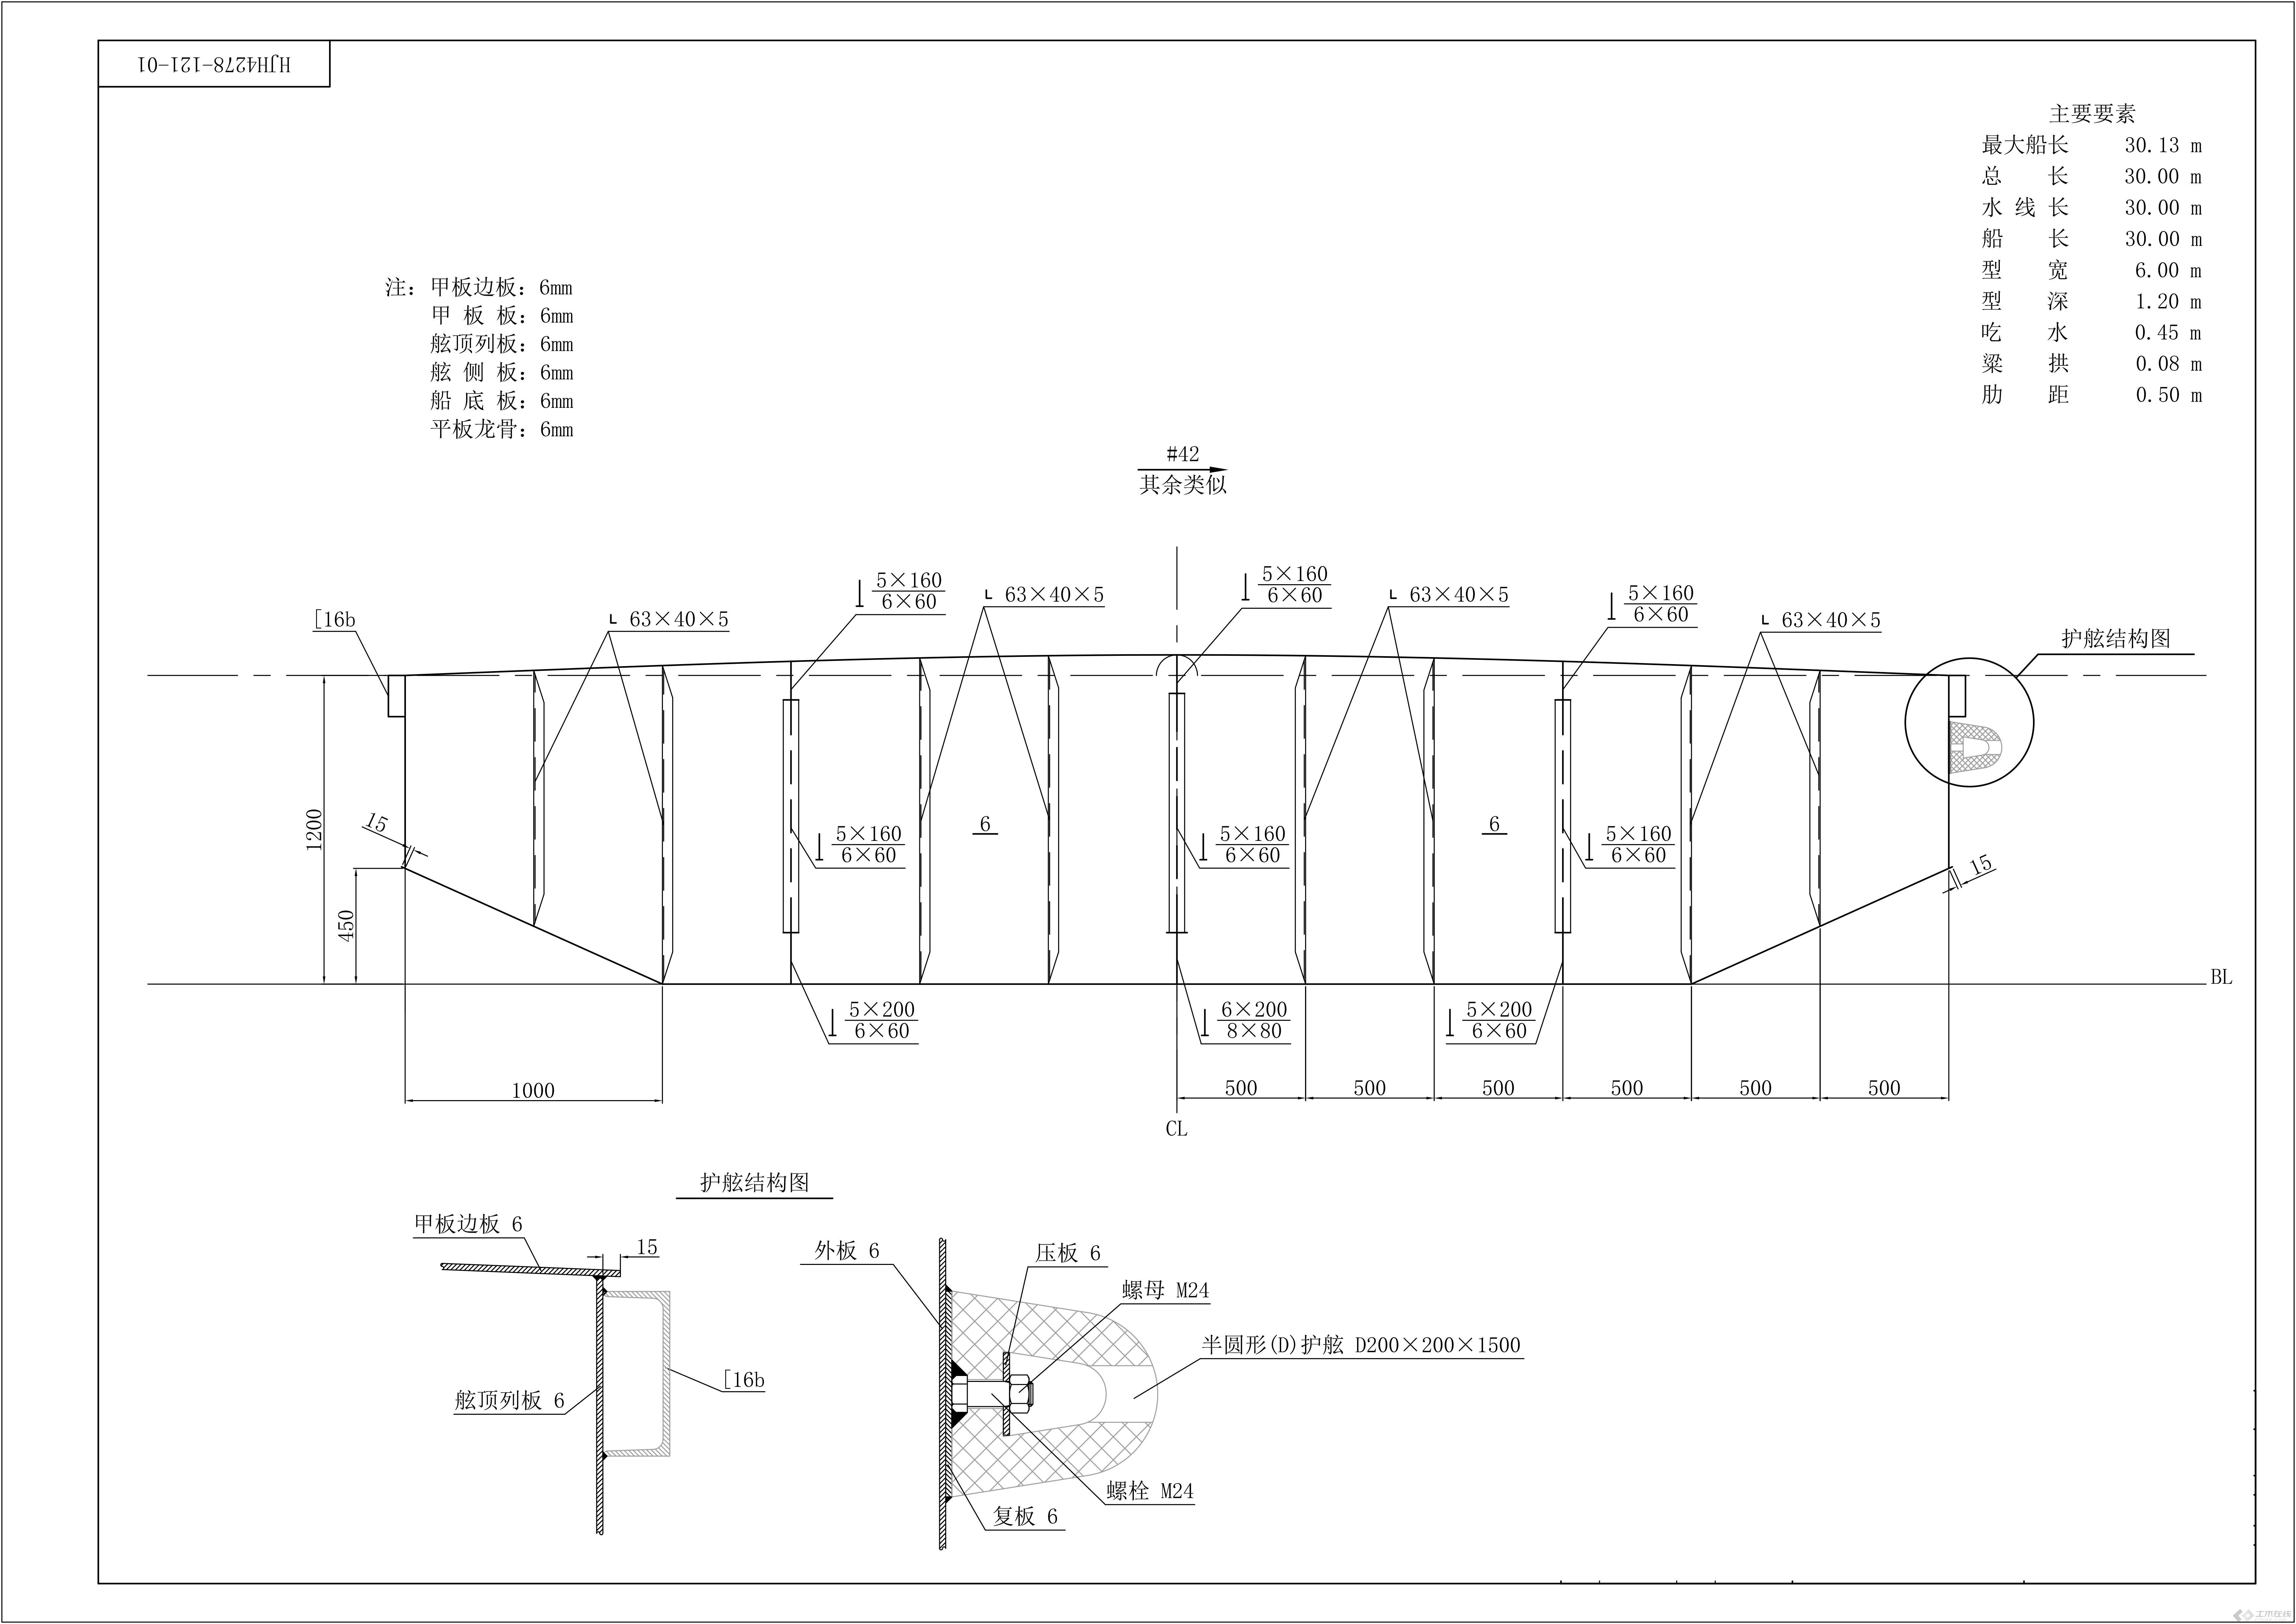 船设计图纸杨利伟生生景观设计图片